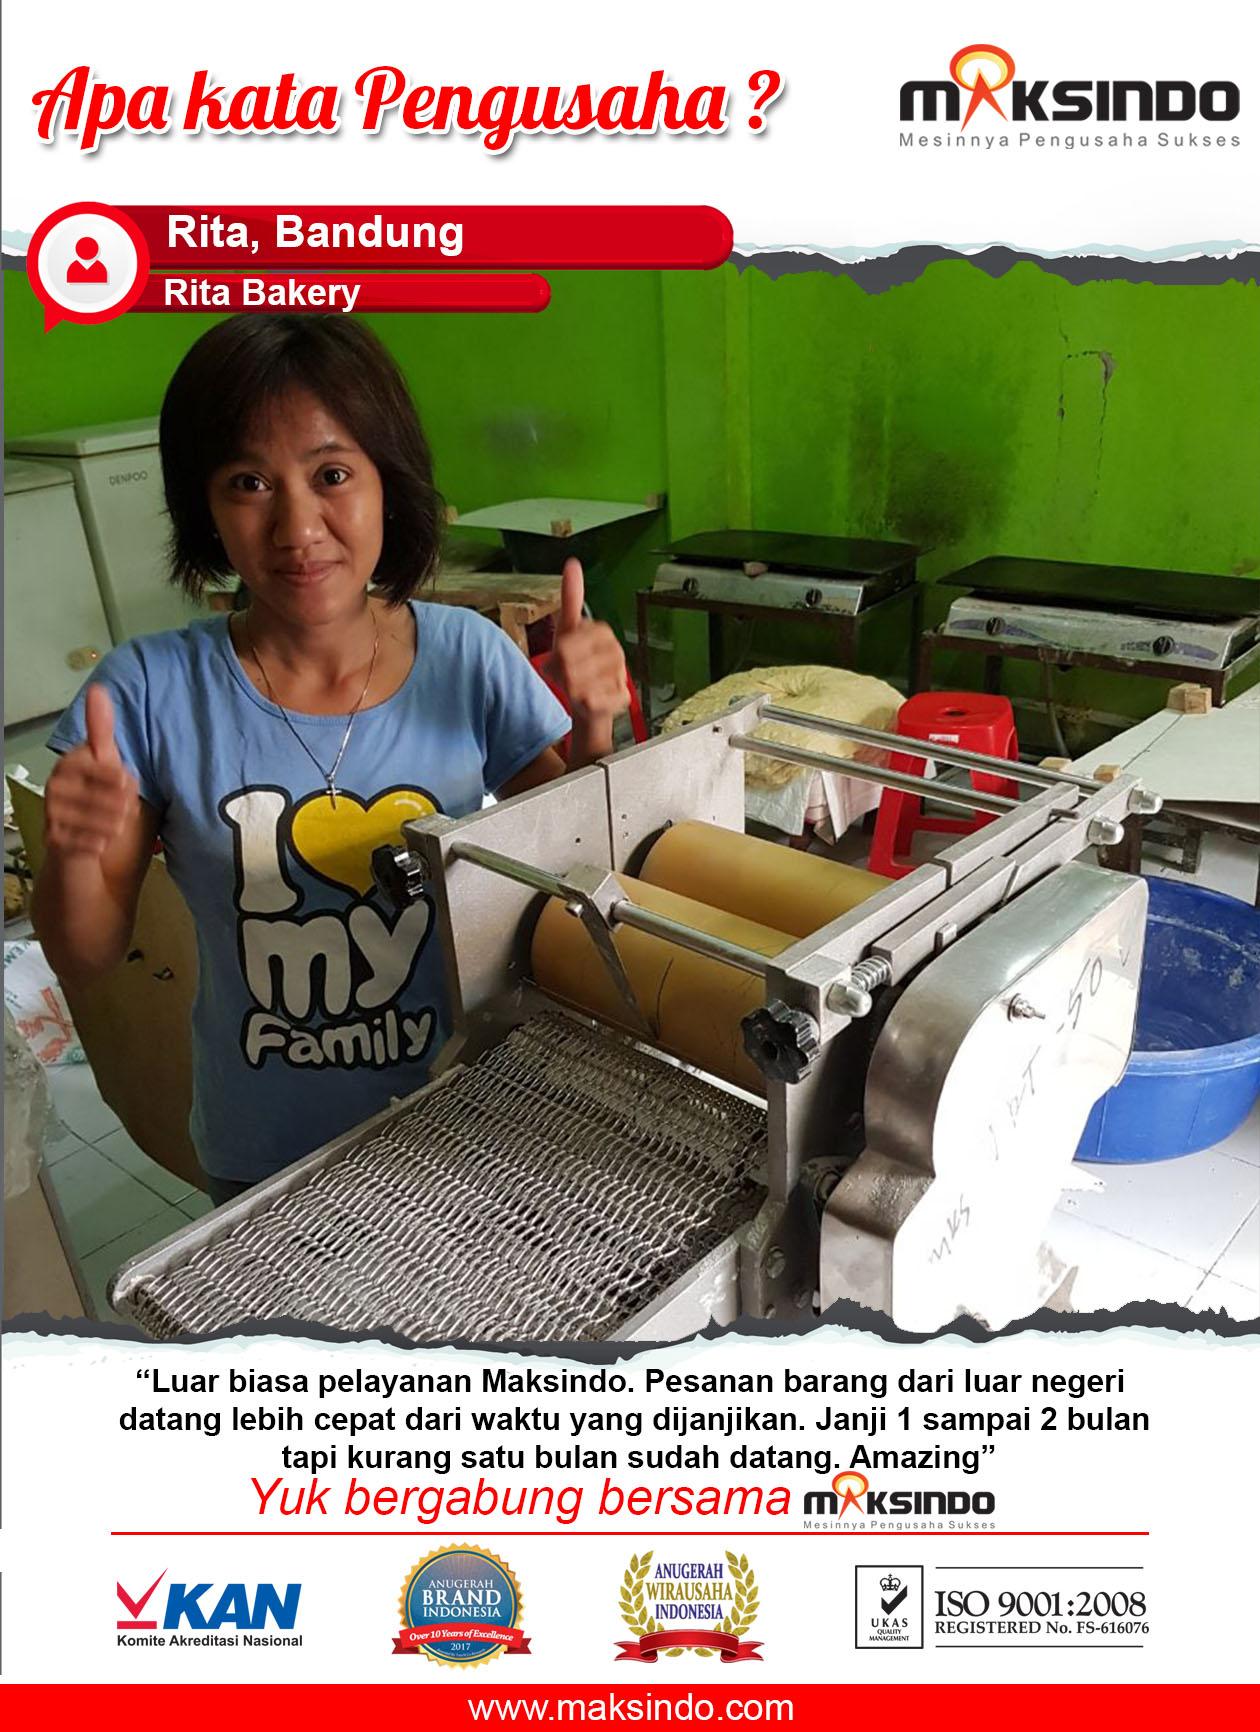 Rita Bakery : Usaha Saya Lebih Maju Menggunakan Mesin Maksindo